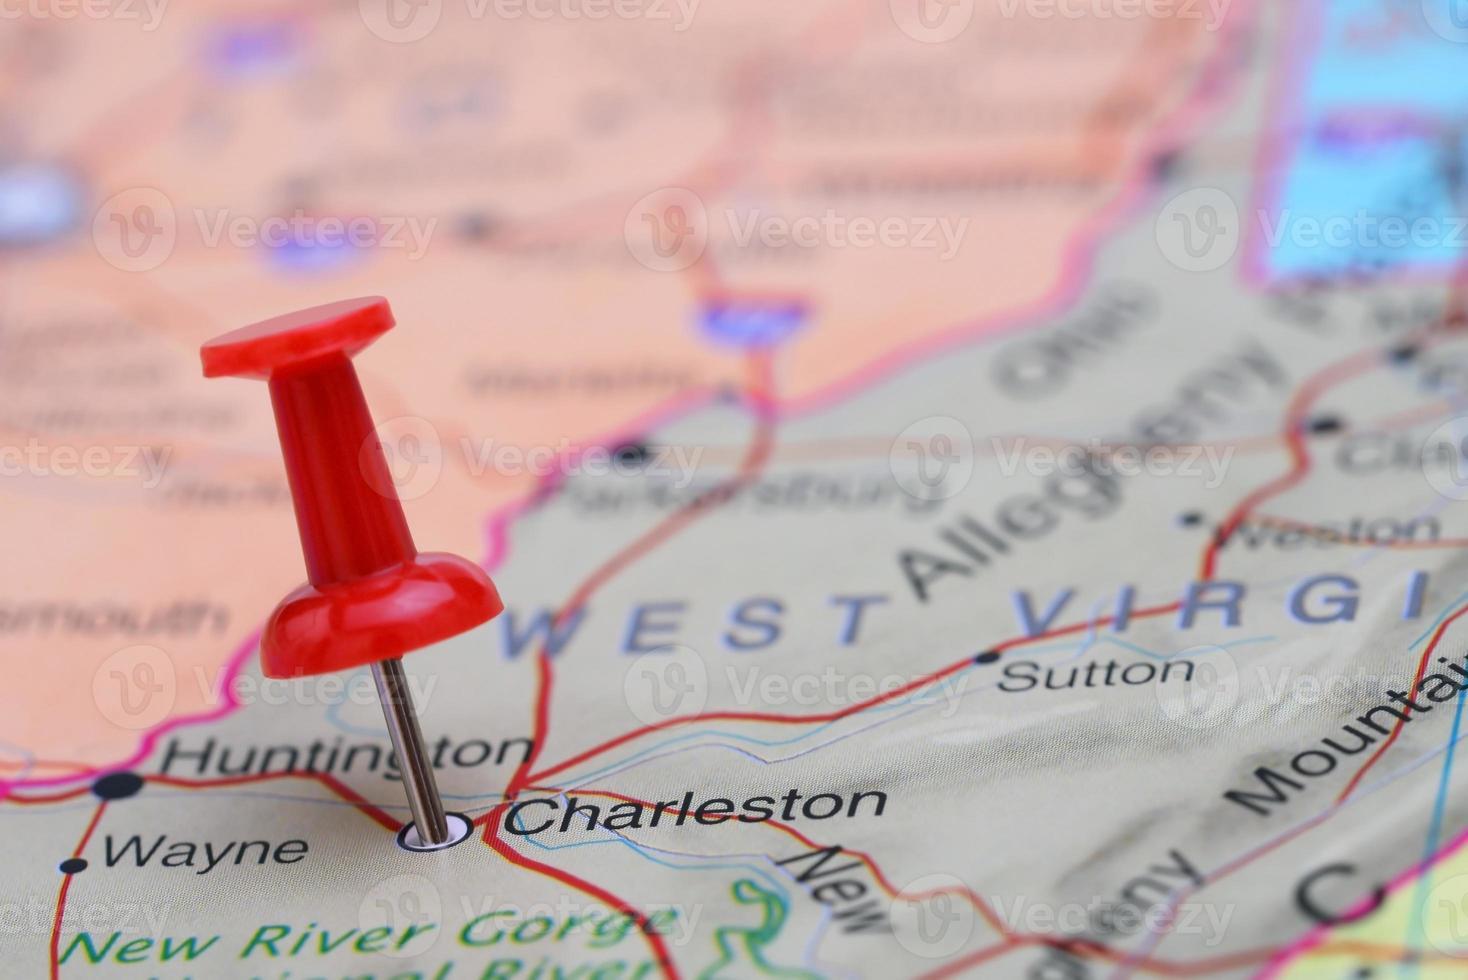 charleston épinglée sur une carte des états-unis photo